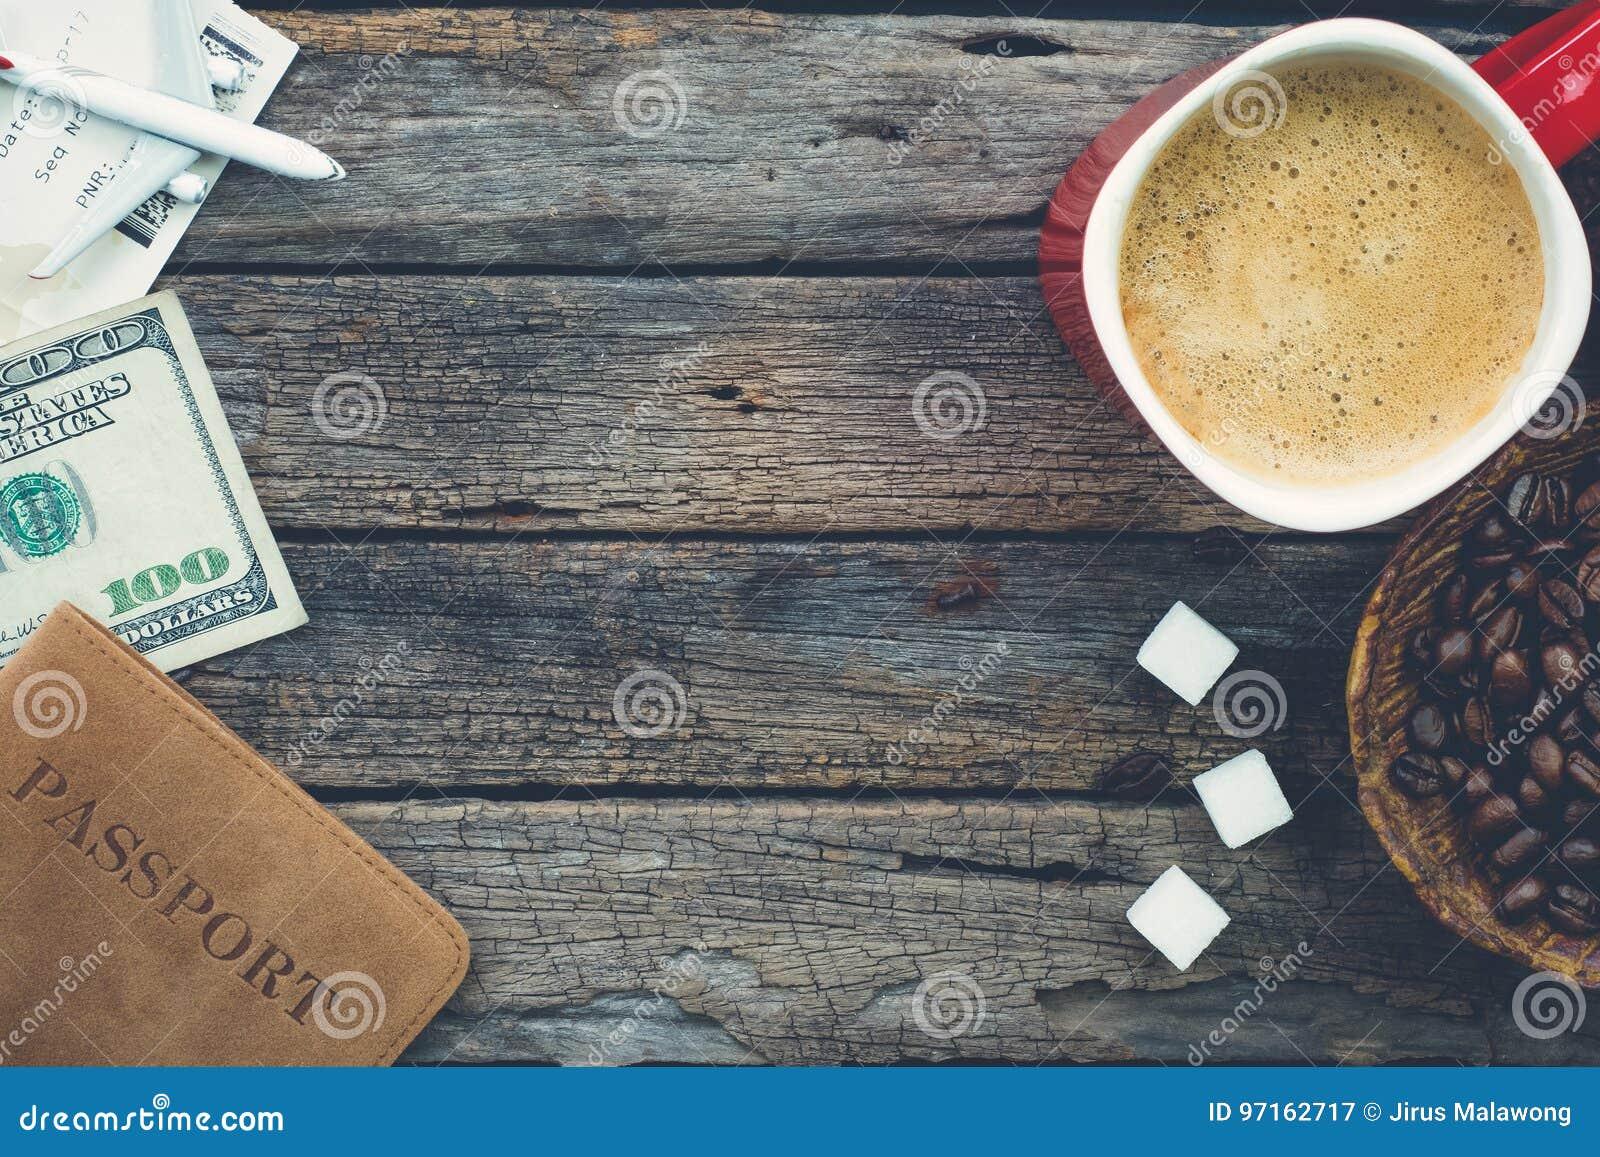 Προετοιμαμένος να ταξιδεψει με τον καφέ, φασόλια καφέ, κύβοι ζάχαρης, πέρασμα